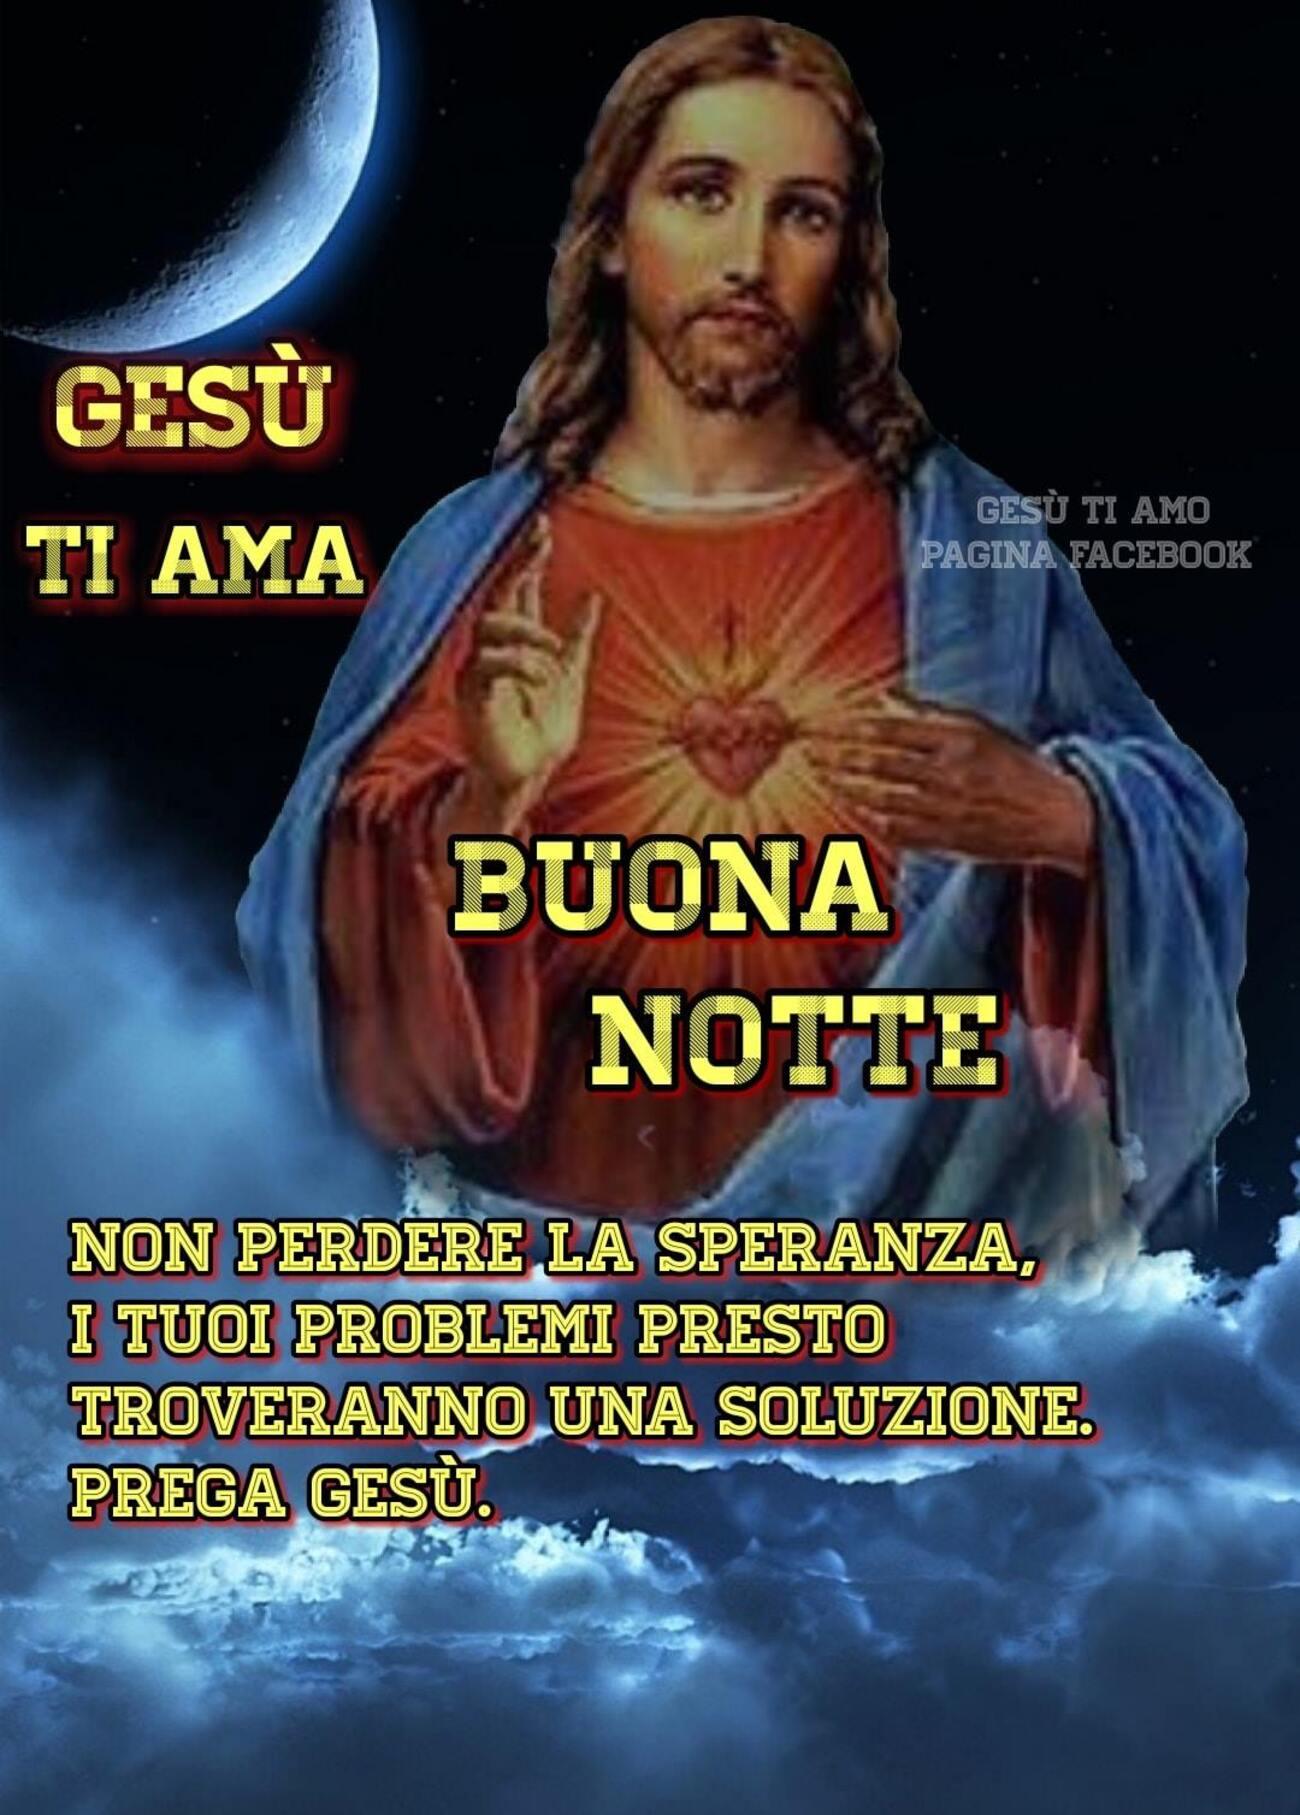 Buonanotte con Gesù immagini nuove (1)